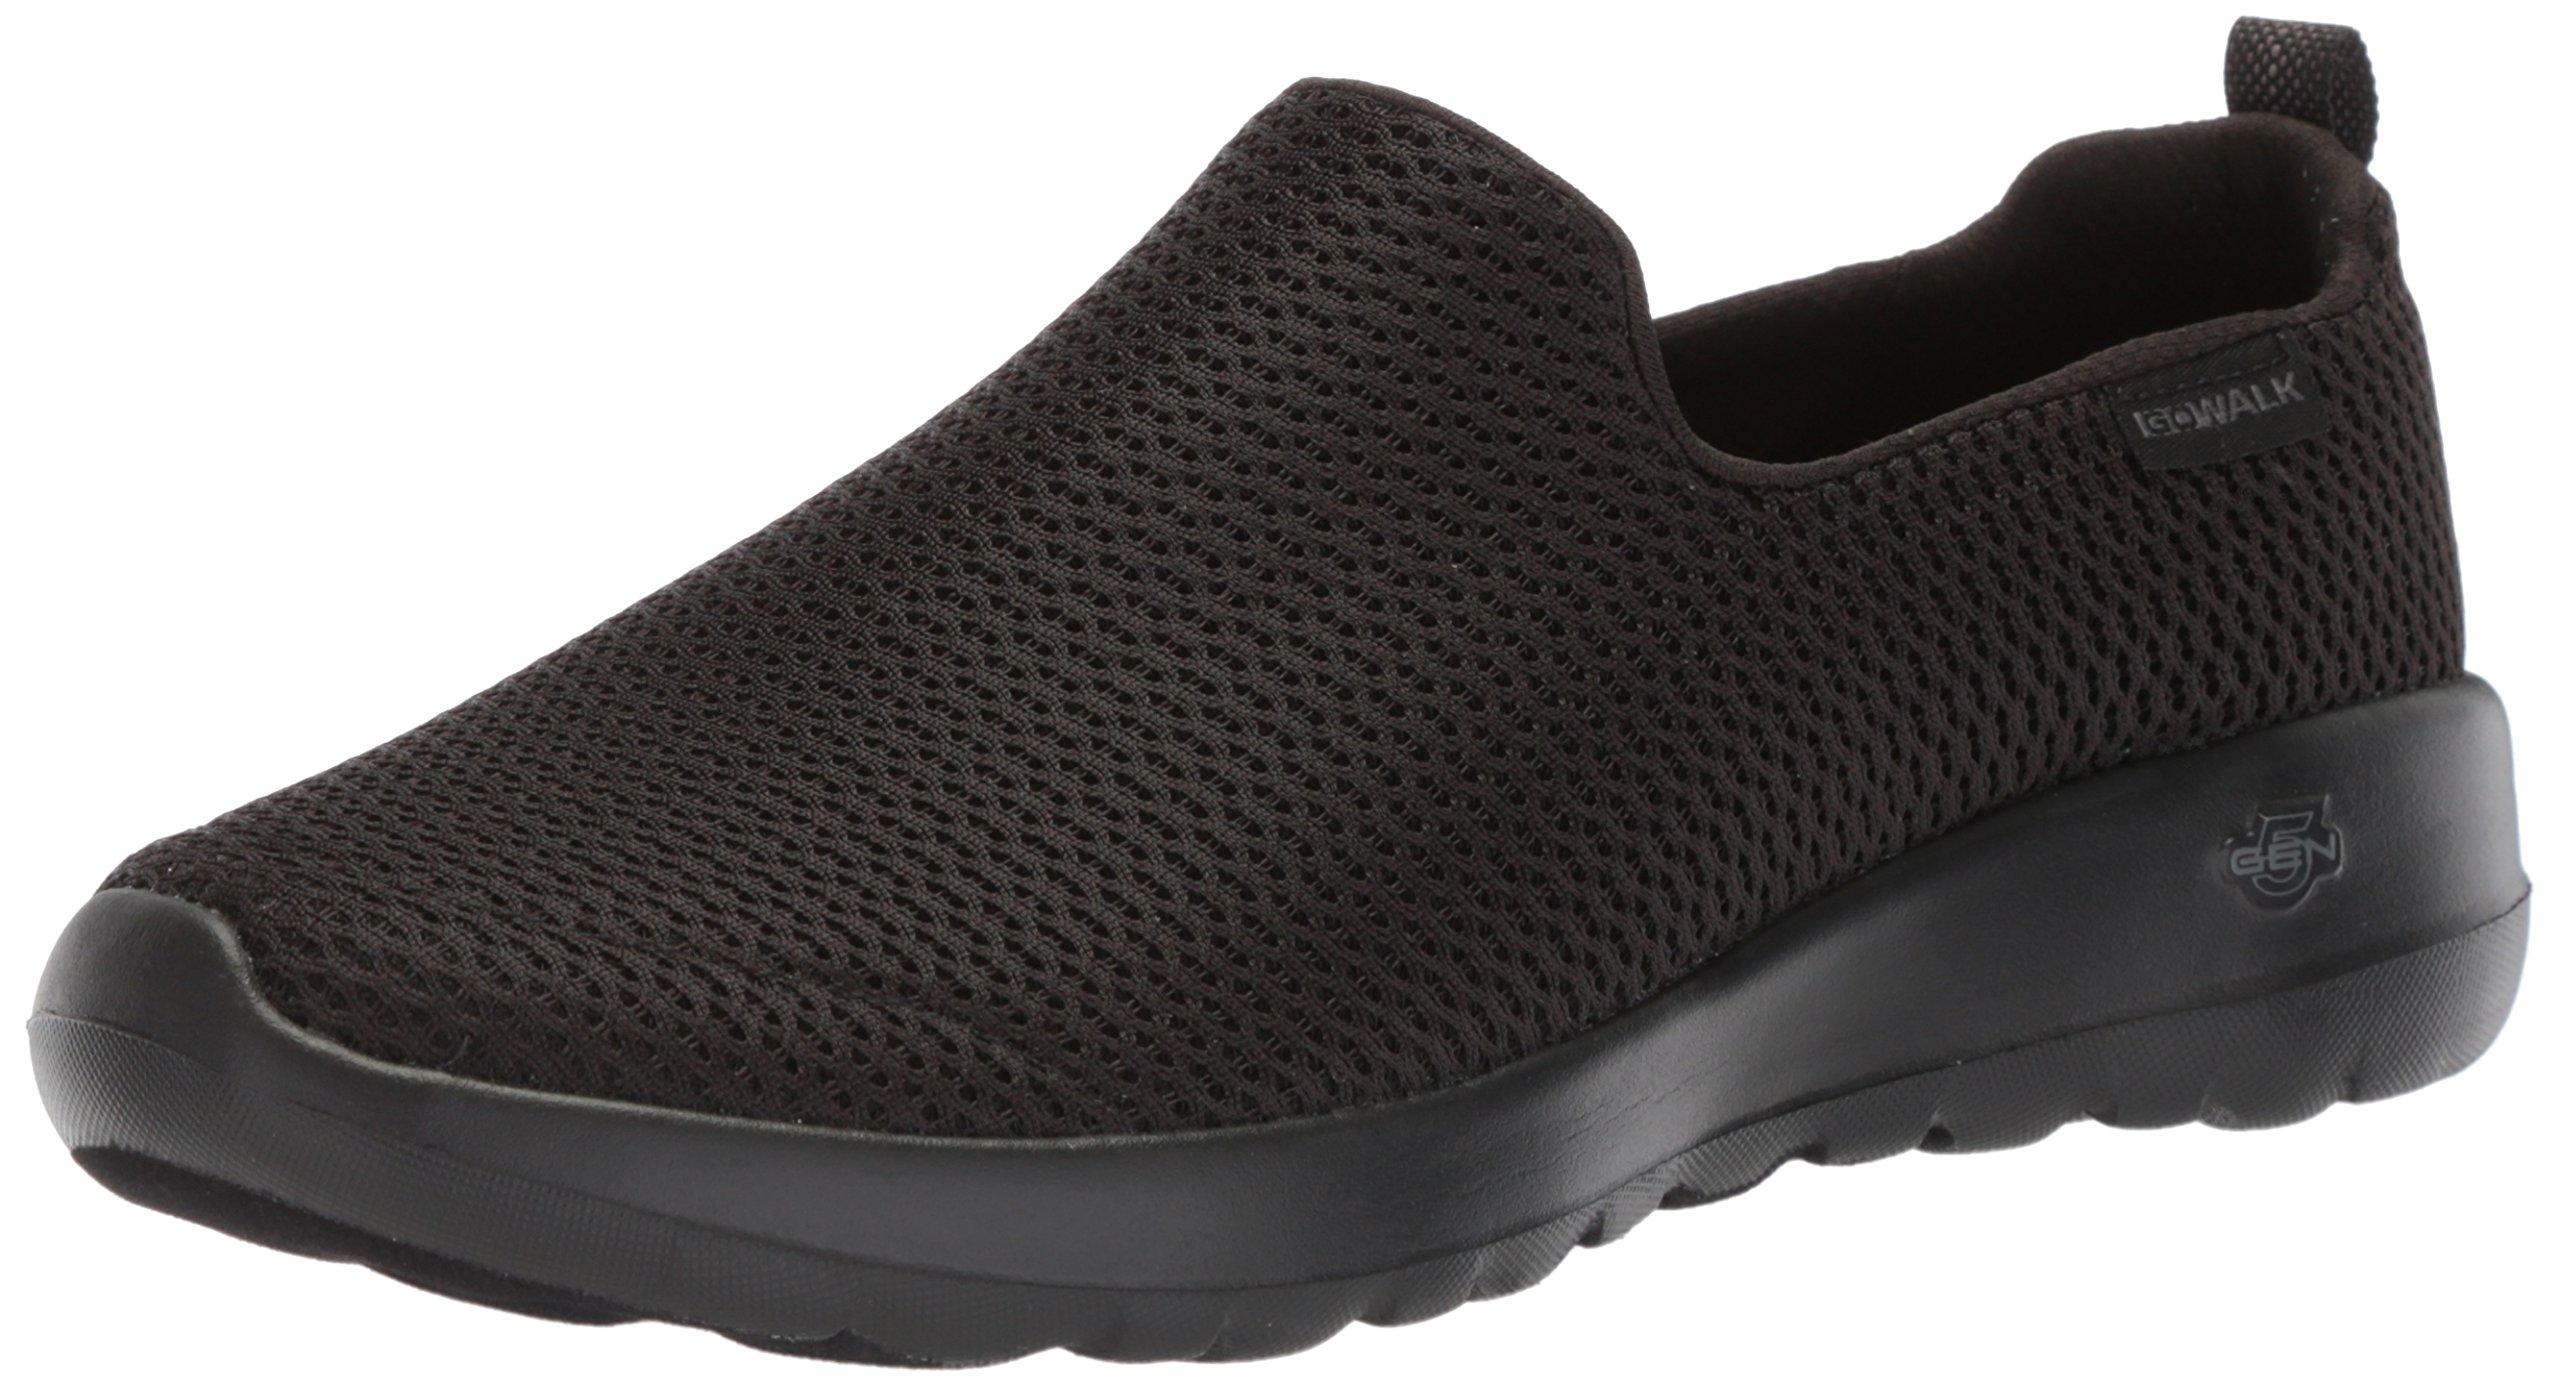 Skechers Performance Women's Go Walk Joy Walking Shoe,black,8.5 W US by Skechers